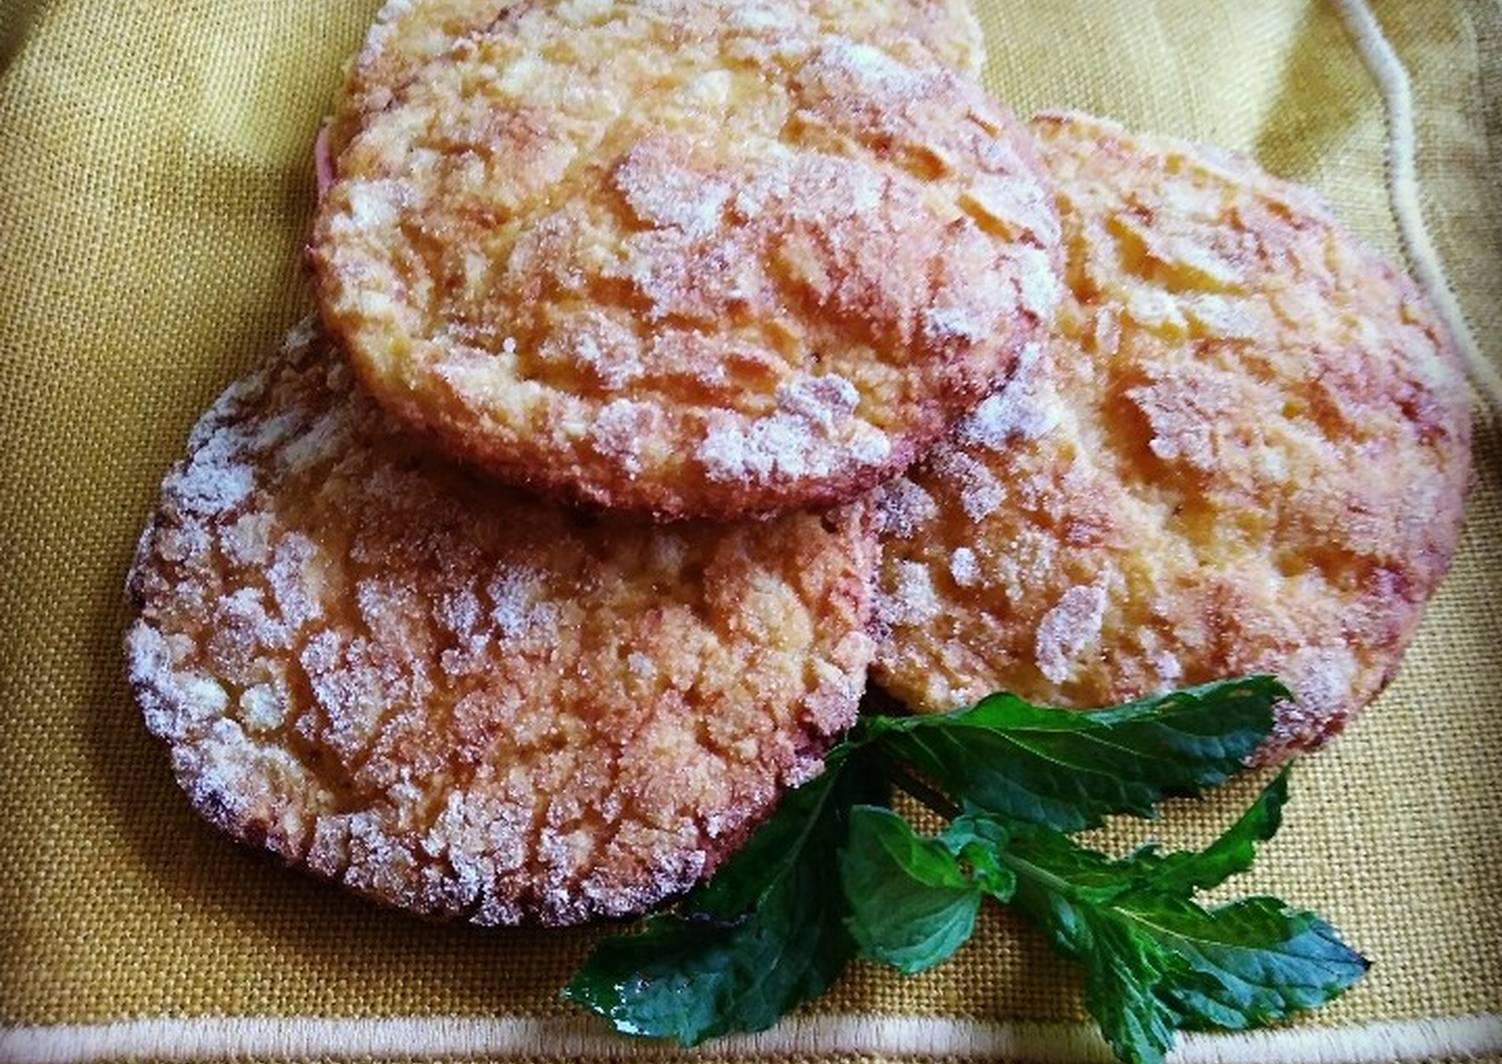 дома точно печенье с фото из кукурузной крупы когда ней нет